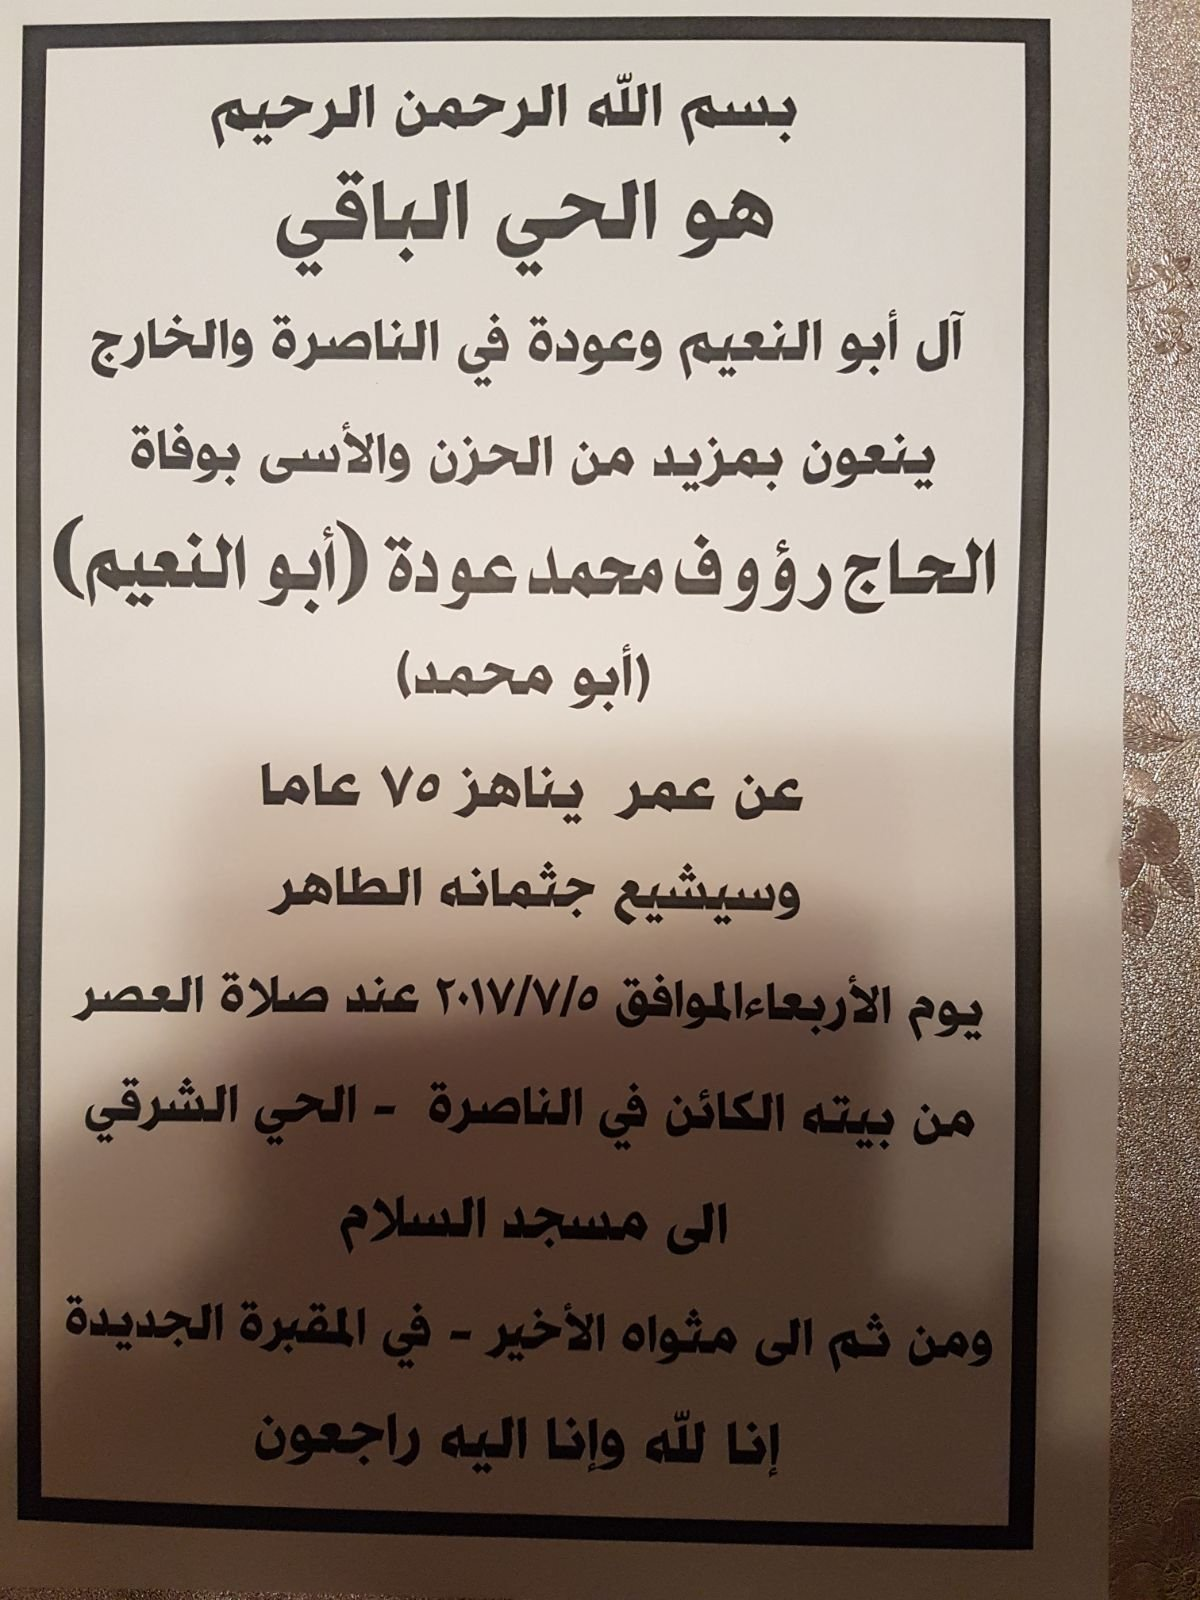 الحاج رؤوف محمد عودة (أبو محمد) من الناصرة في ذمة الله